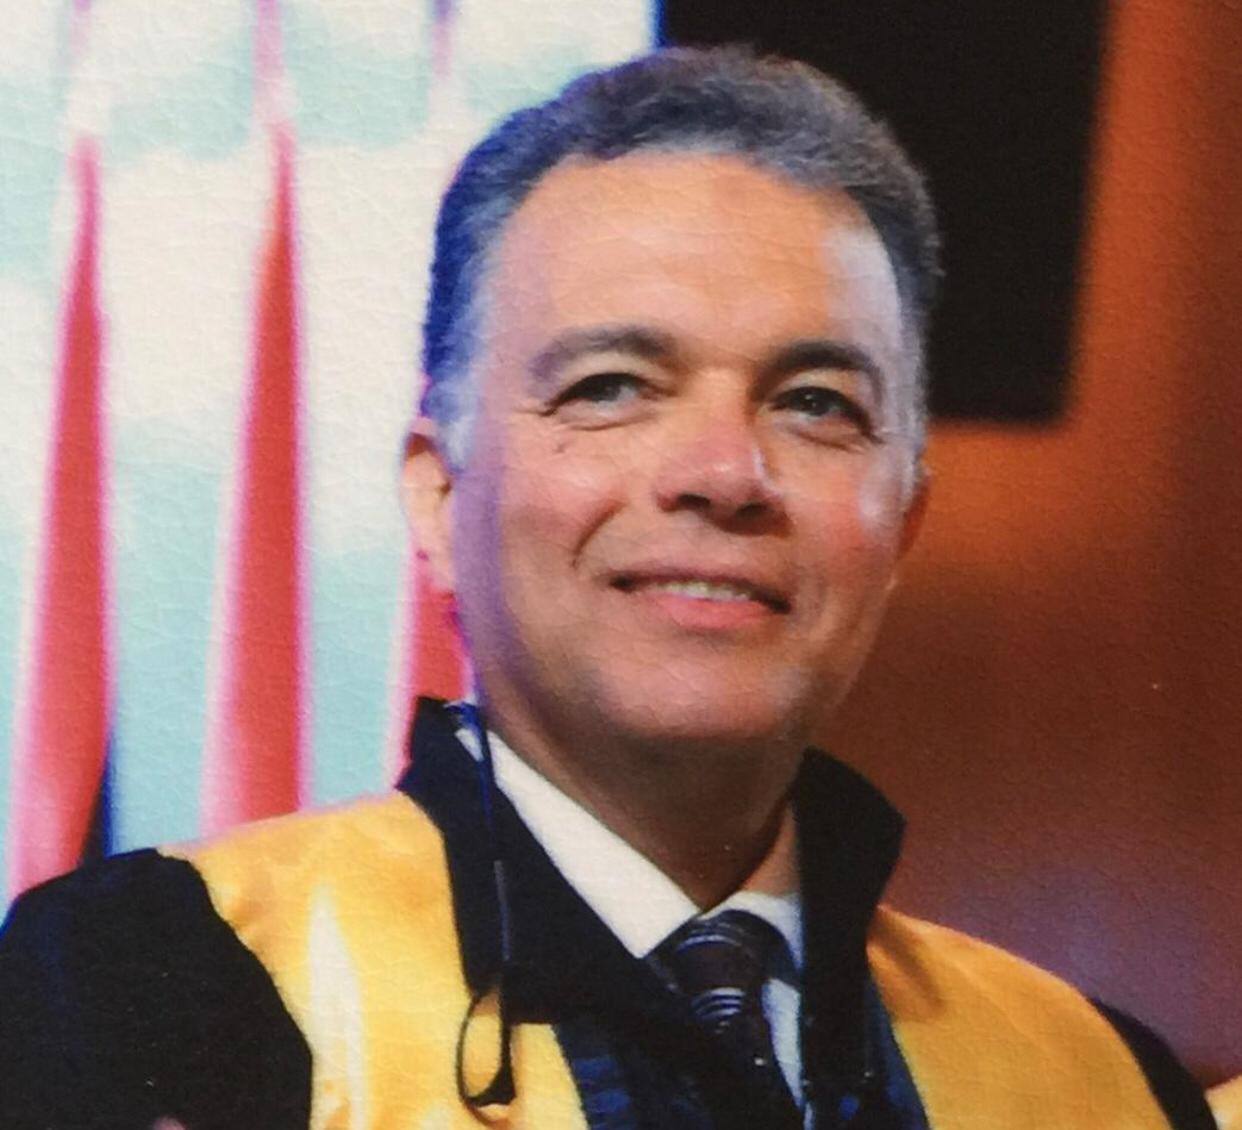 الدكتور هشام عرفات نائب رئيس مجلس أمناء جامعة المستقبل